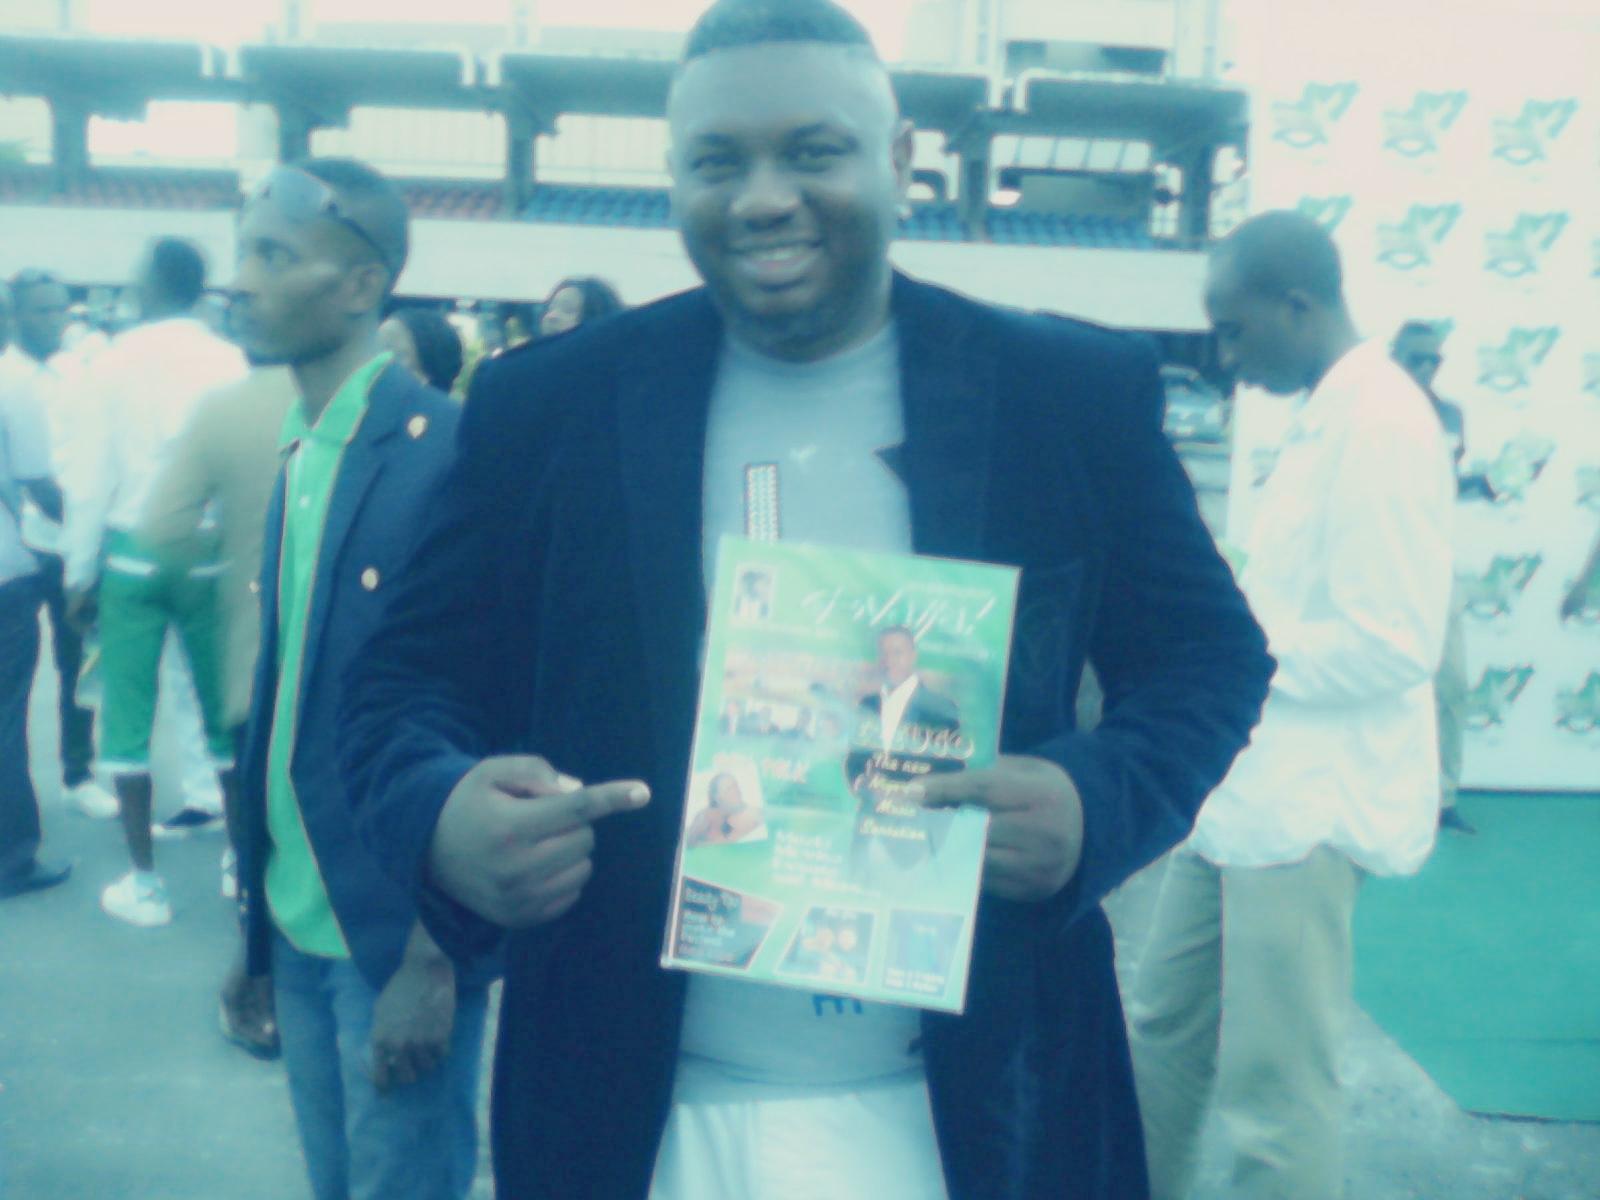 ObiShine [@shineobi] posing with G-Naija Mag